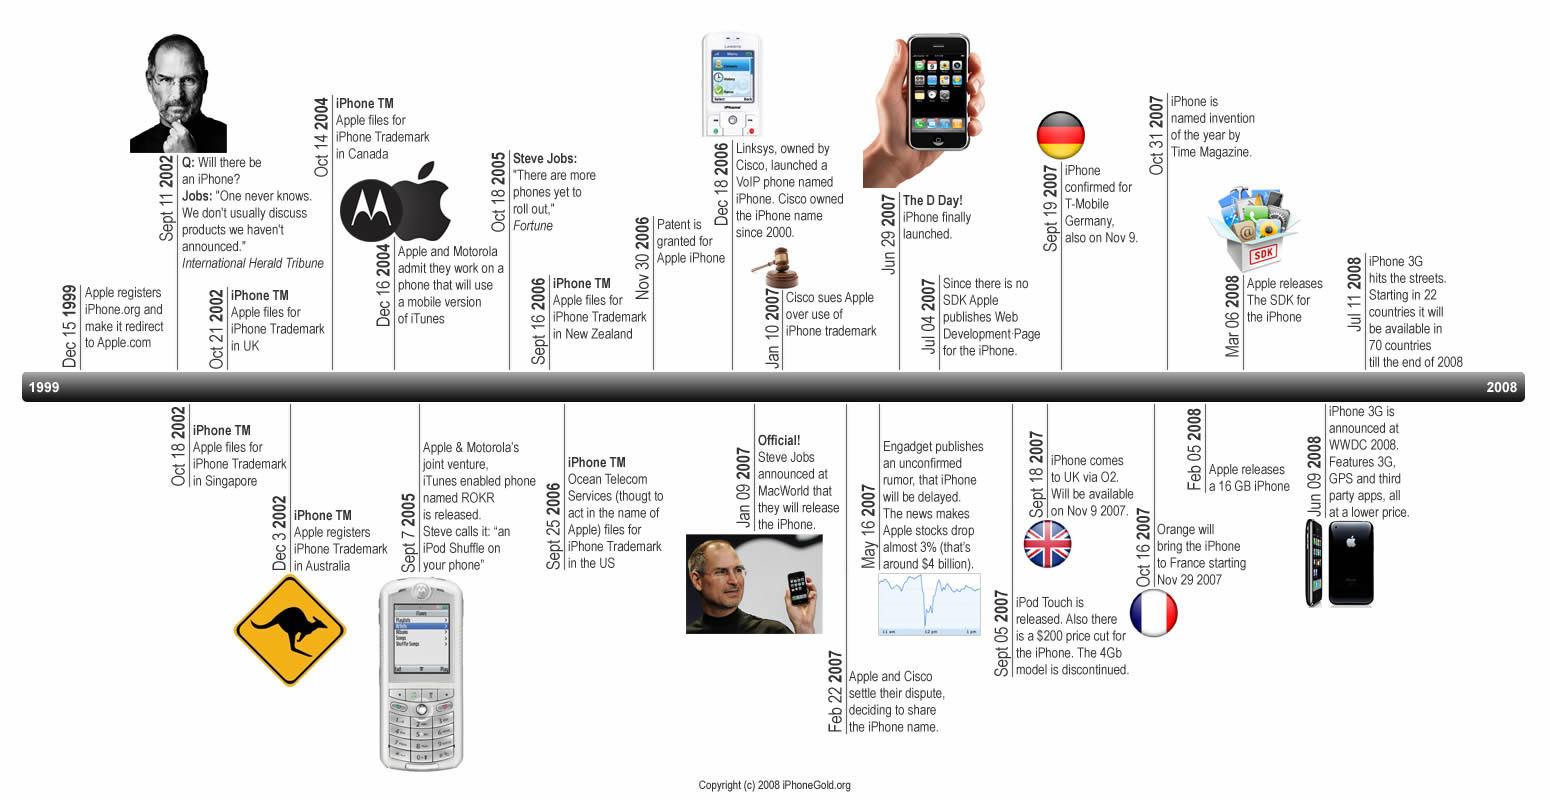 juillet 2008 , iPhone 5, iOS 6, prix iPhone 4S, Siri